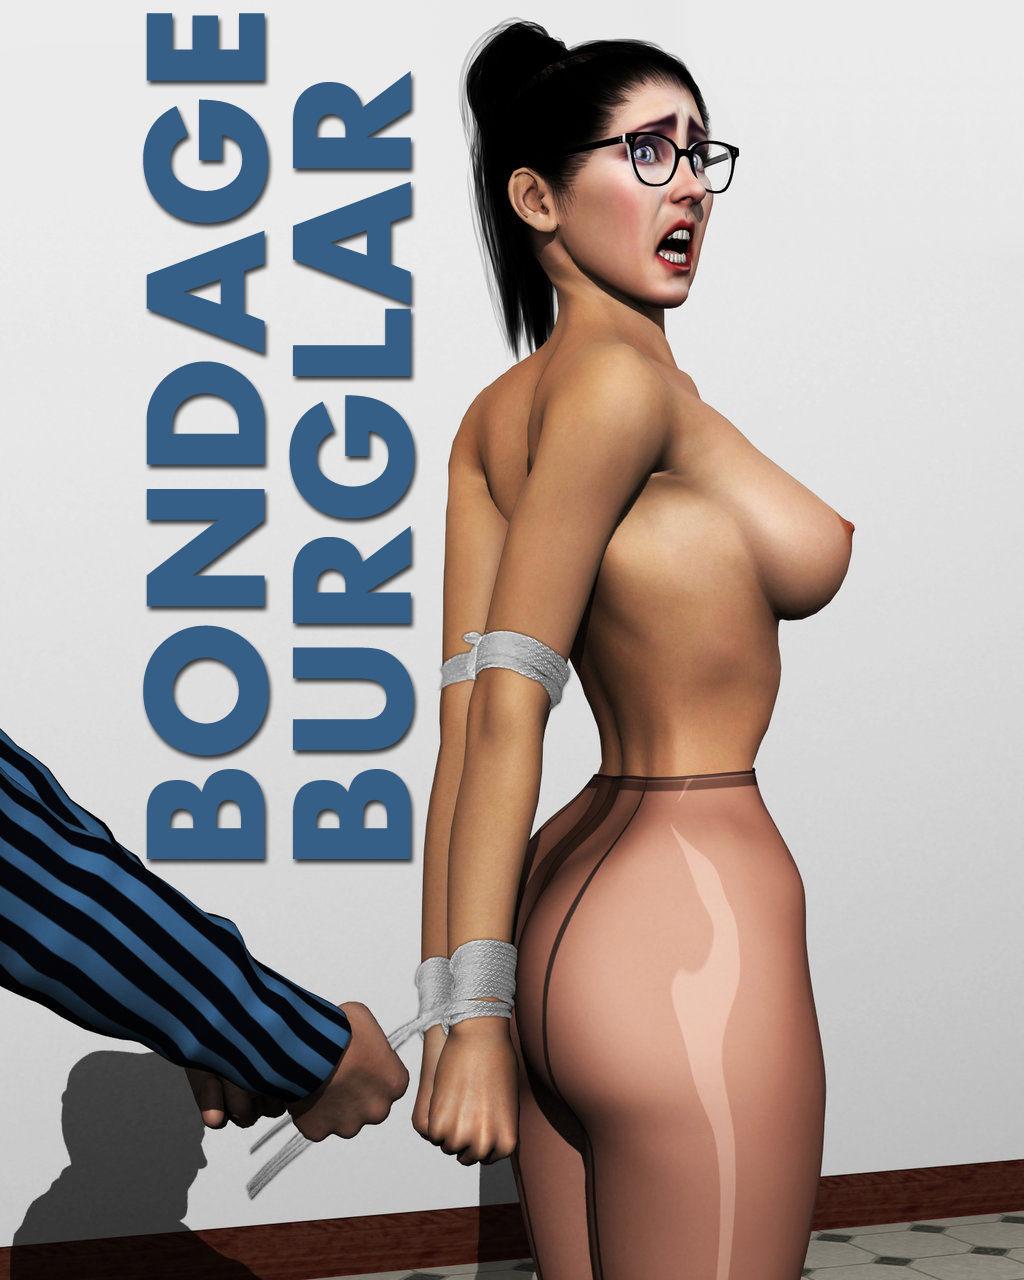 Watch burglar bondage